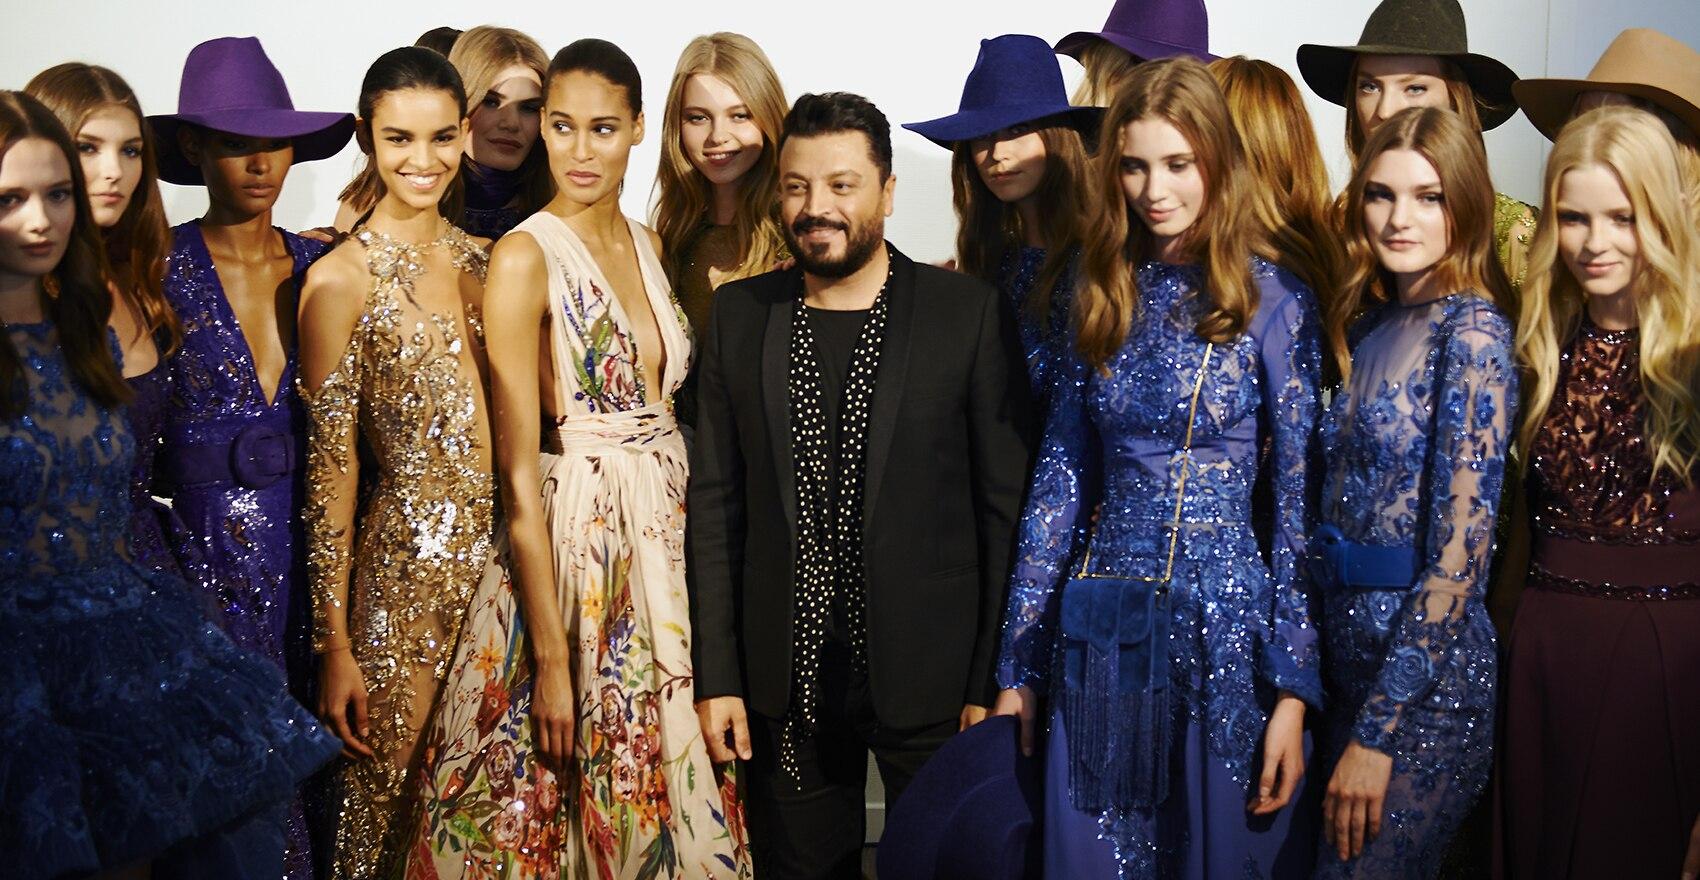 Zákulisí Podzim-Zima 2016 haute couture kolekce Zuhaira Murada na Týdnu módy v Paříži pro vlasový styling návrhář | René Furterer